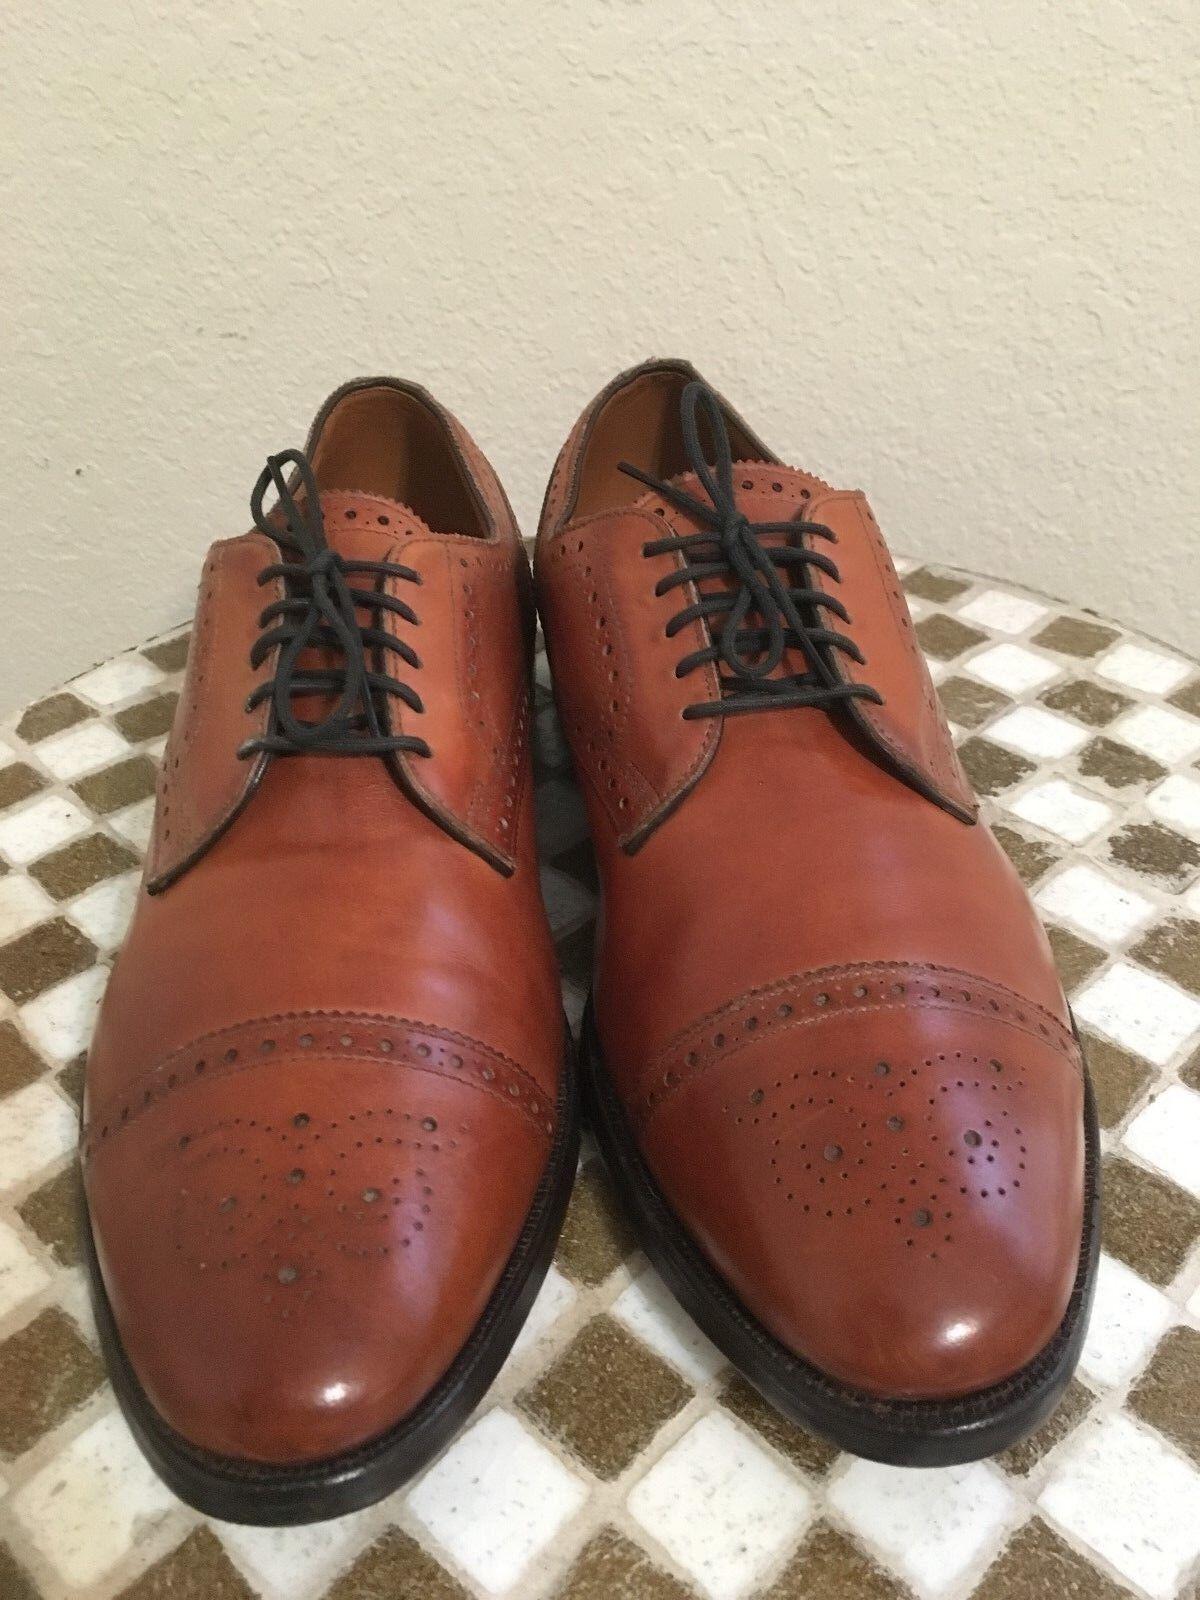 ALLEN EDMONDS Marrón Cuero Usa SANFORD Con Cordones Zapatos de alimentación de extremo de ala 11.5 D